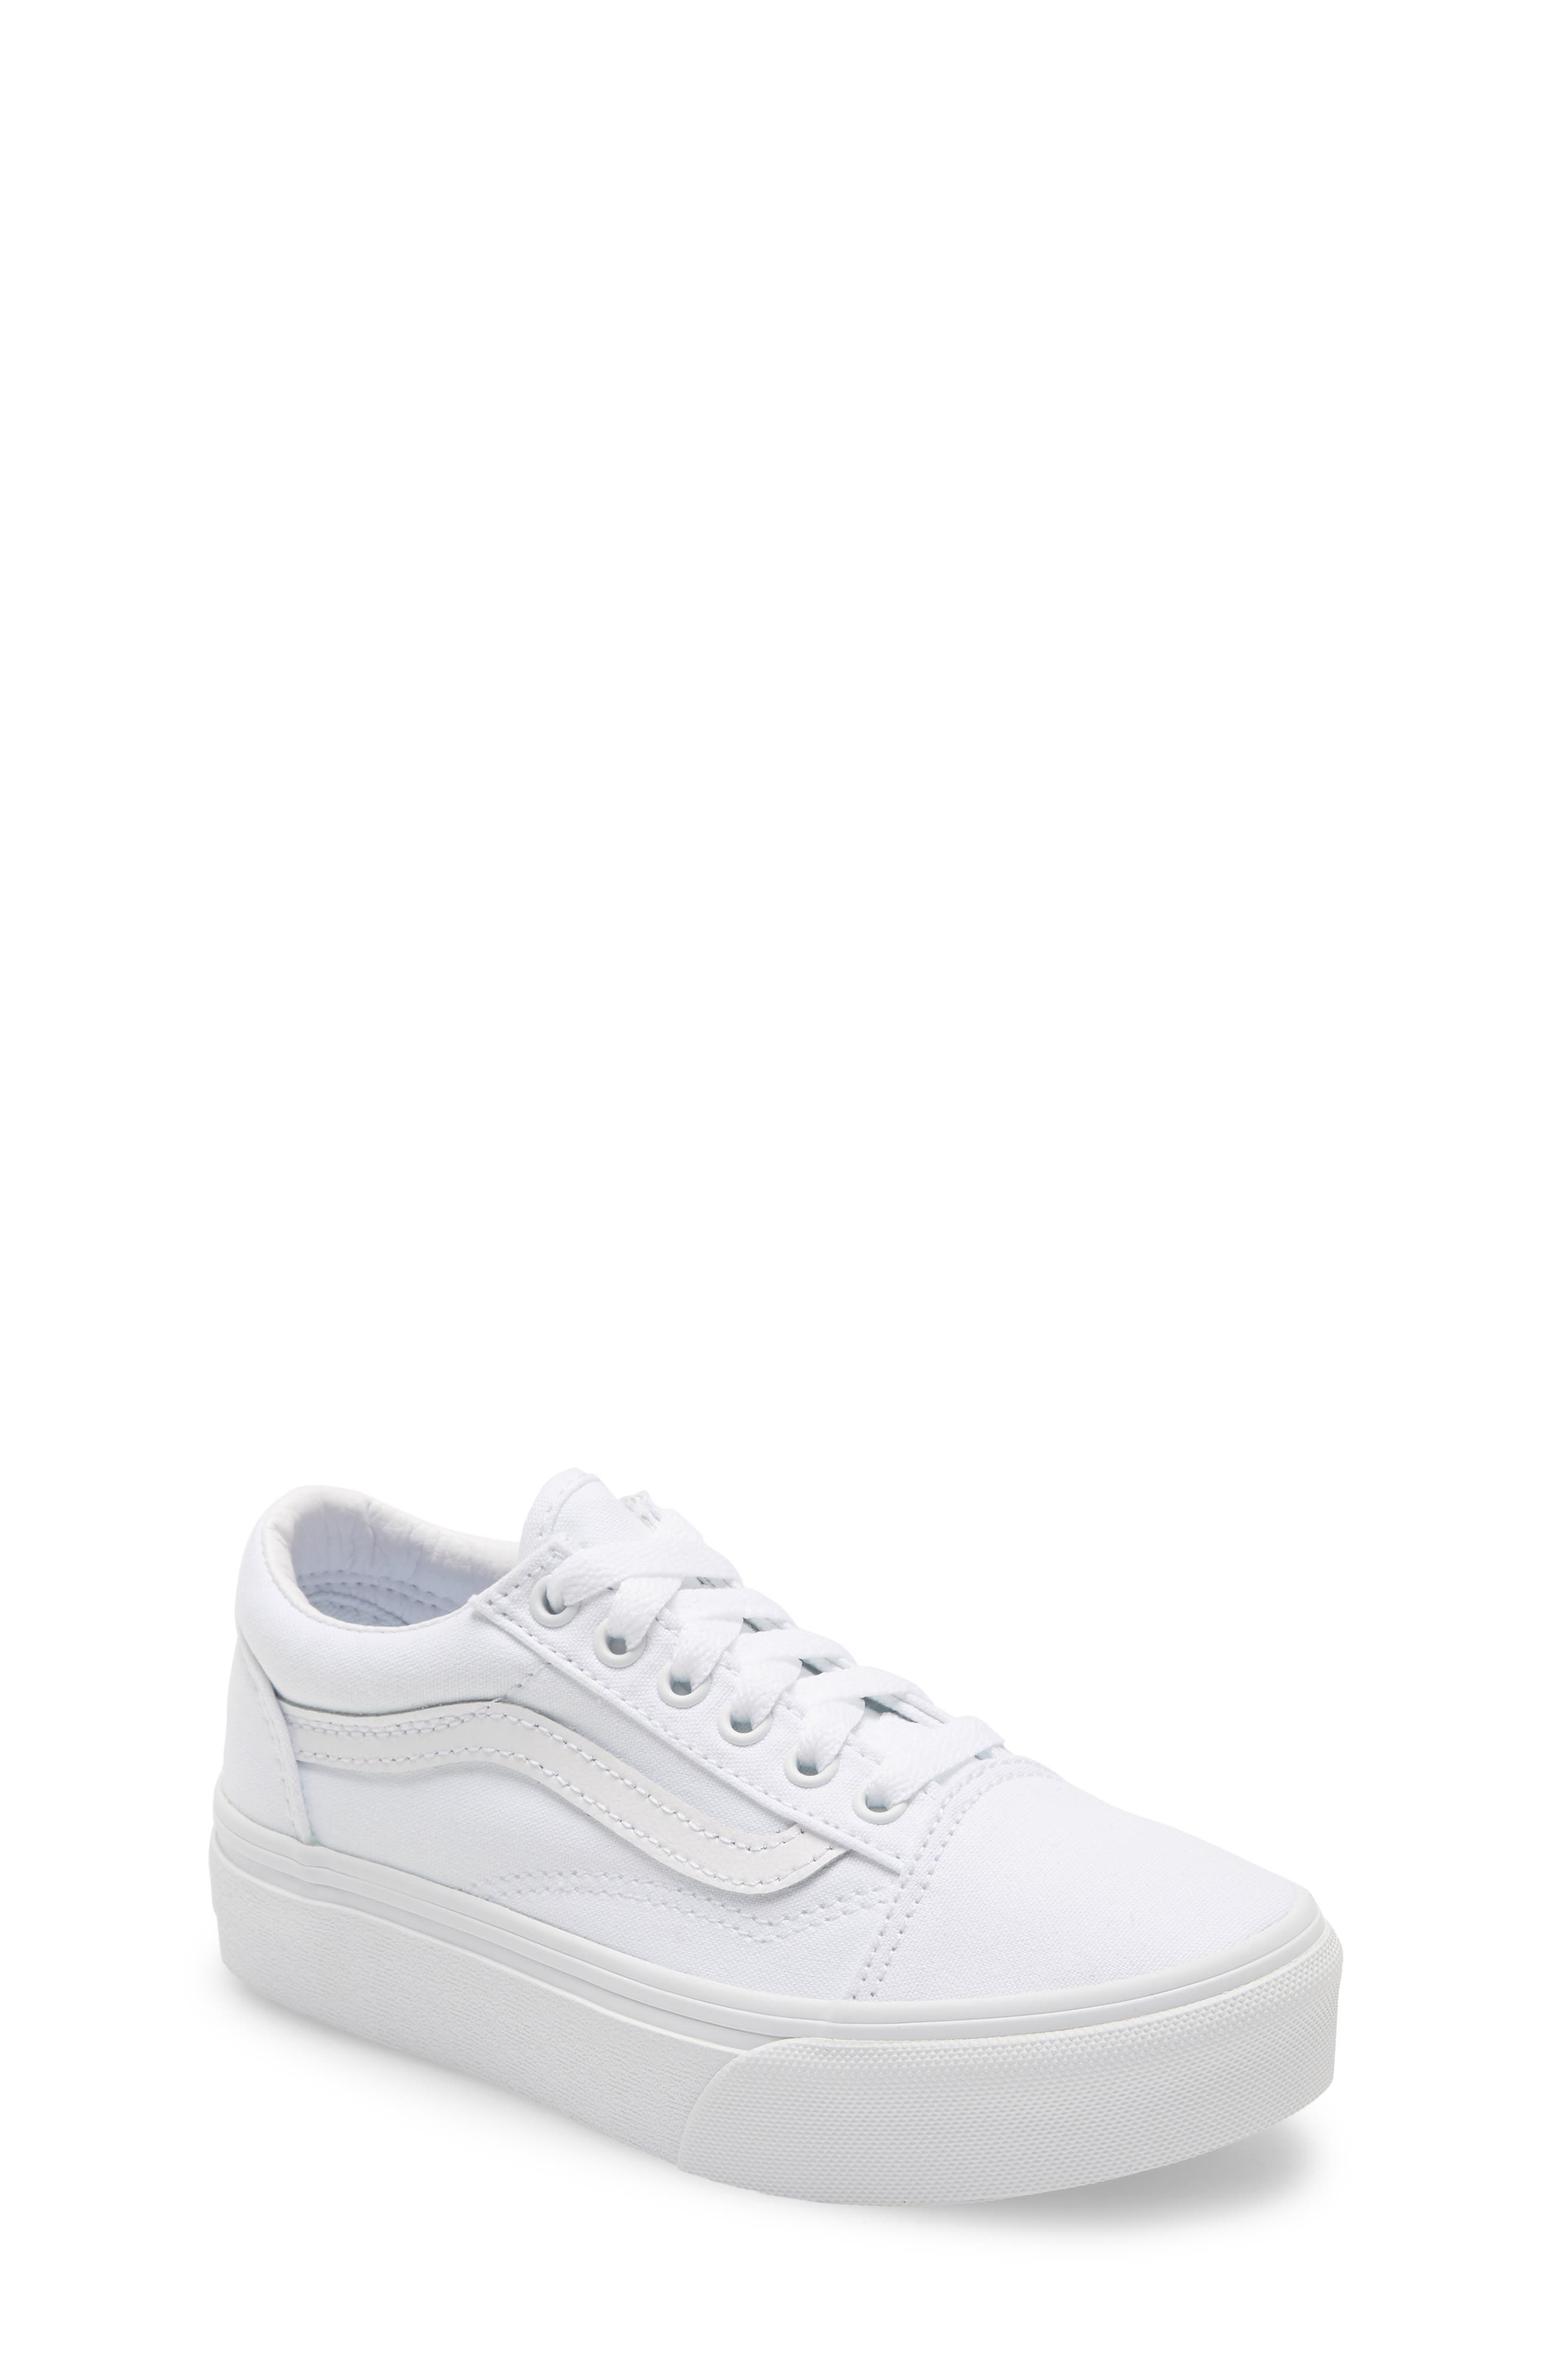 Vans Old Skool Platform Sneaker (Little